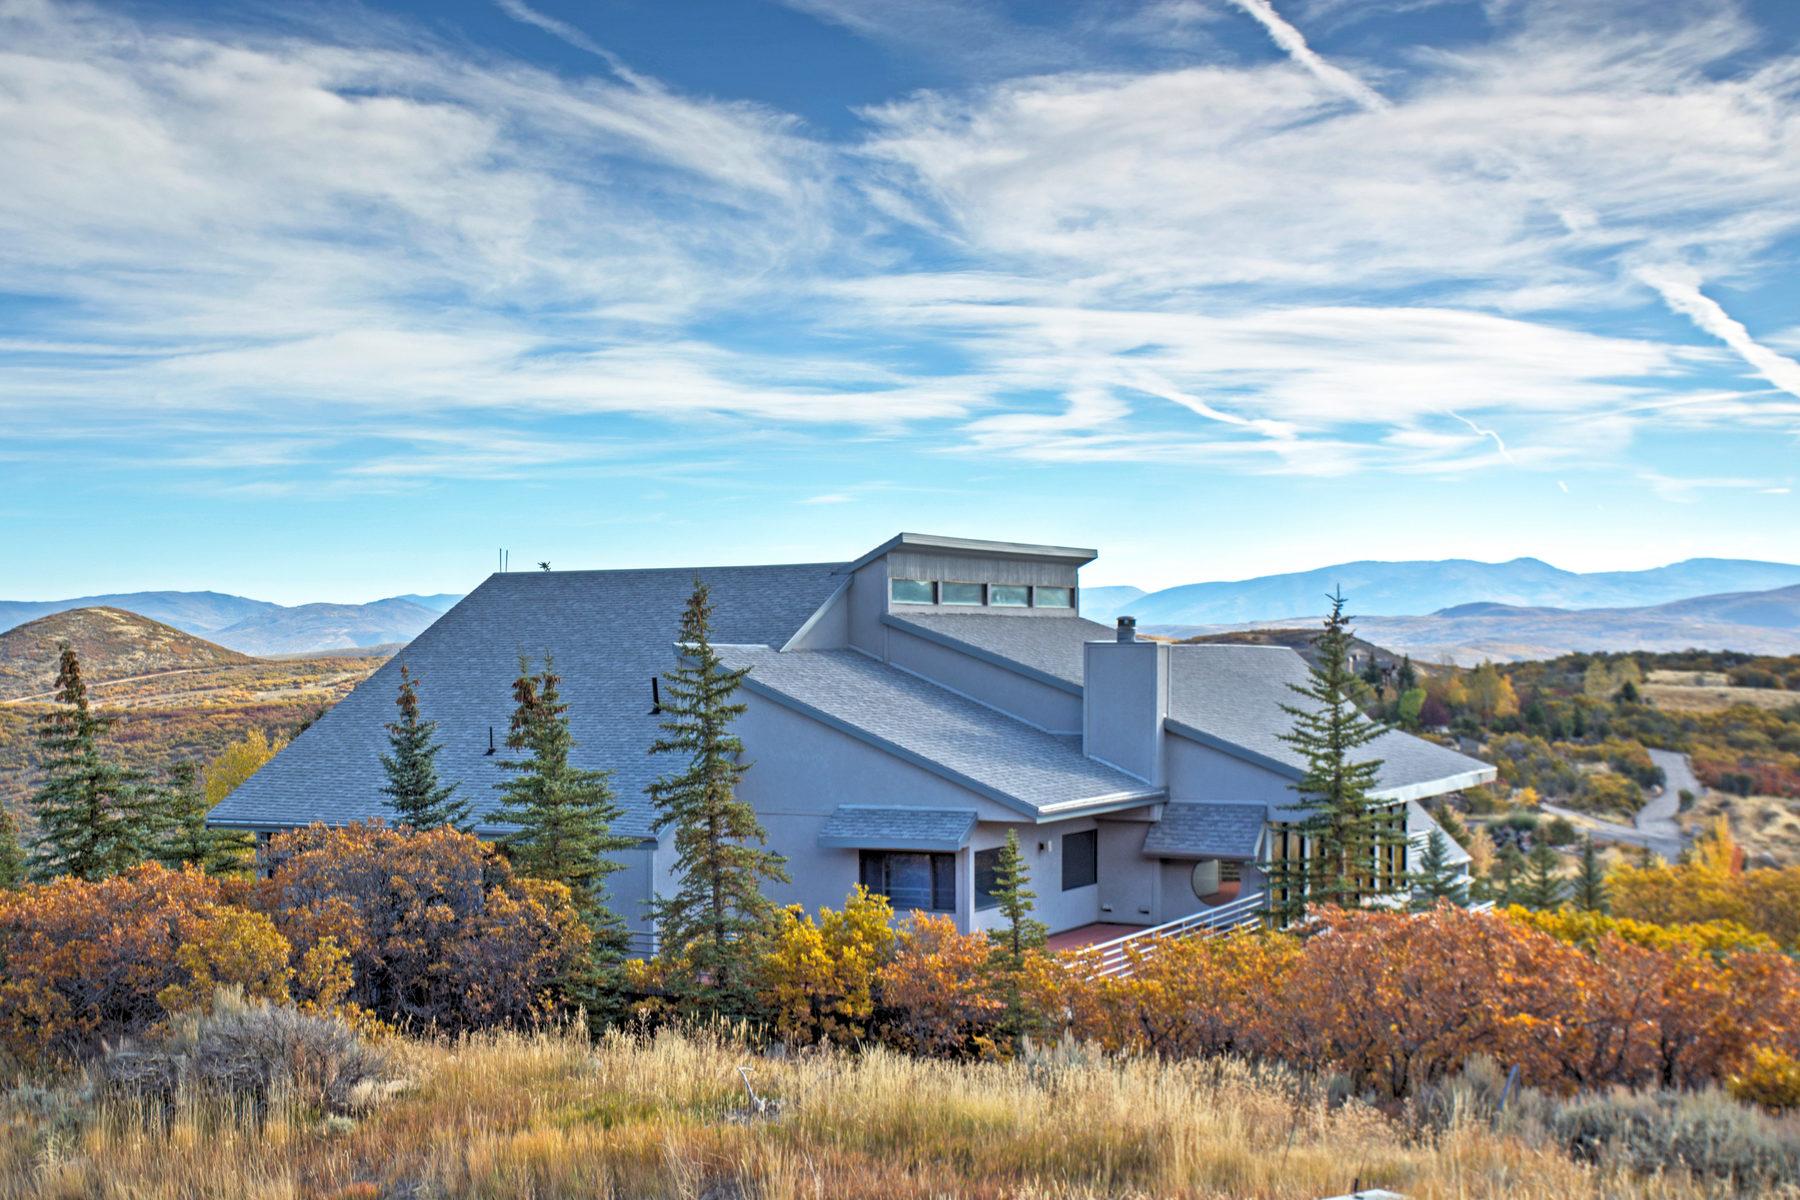 Частный односемейный дом для того Продажа на This Mountaintop Gem is the Perfect Personal or Corporate Retreat 325 Mountain Top Dr Park City, Юта, 84060 Соединенные Штаты